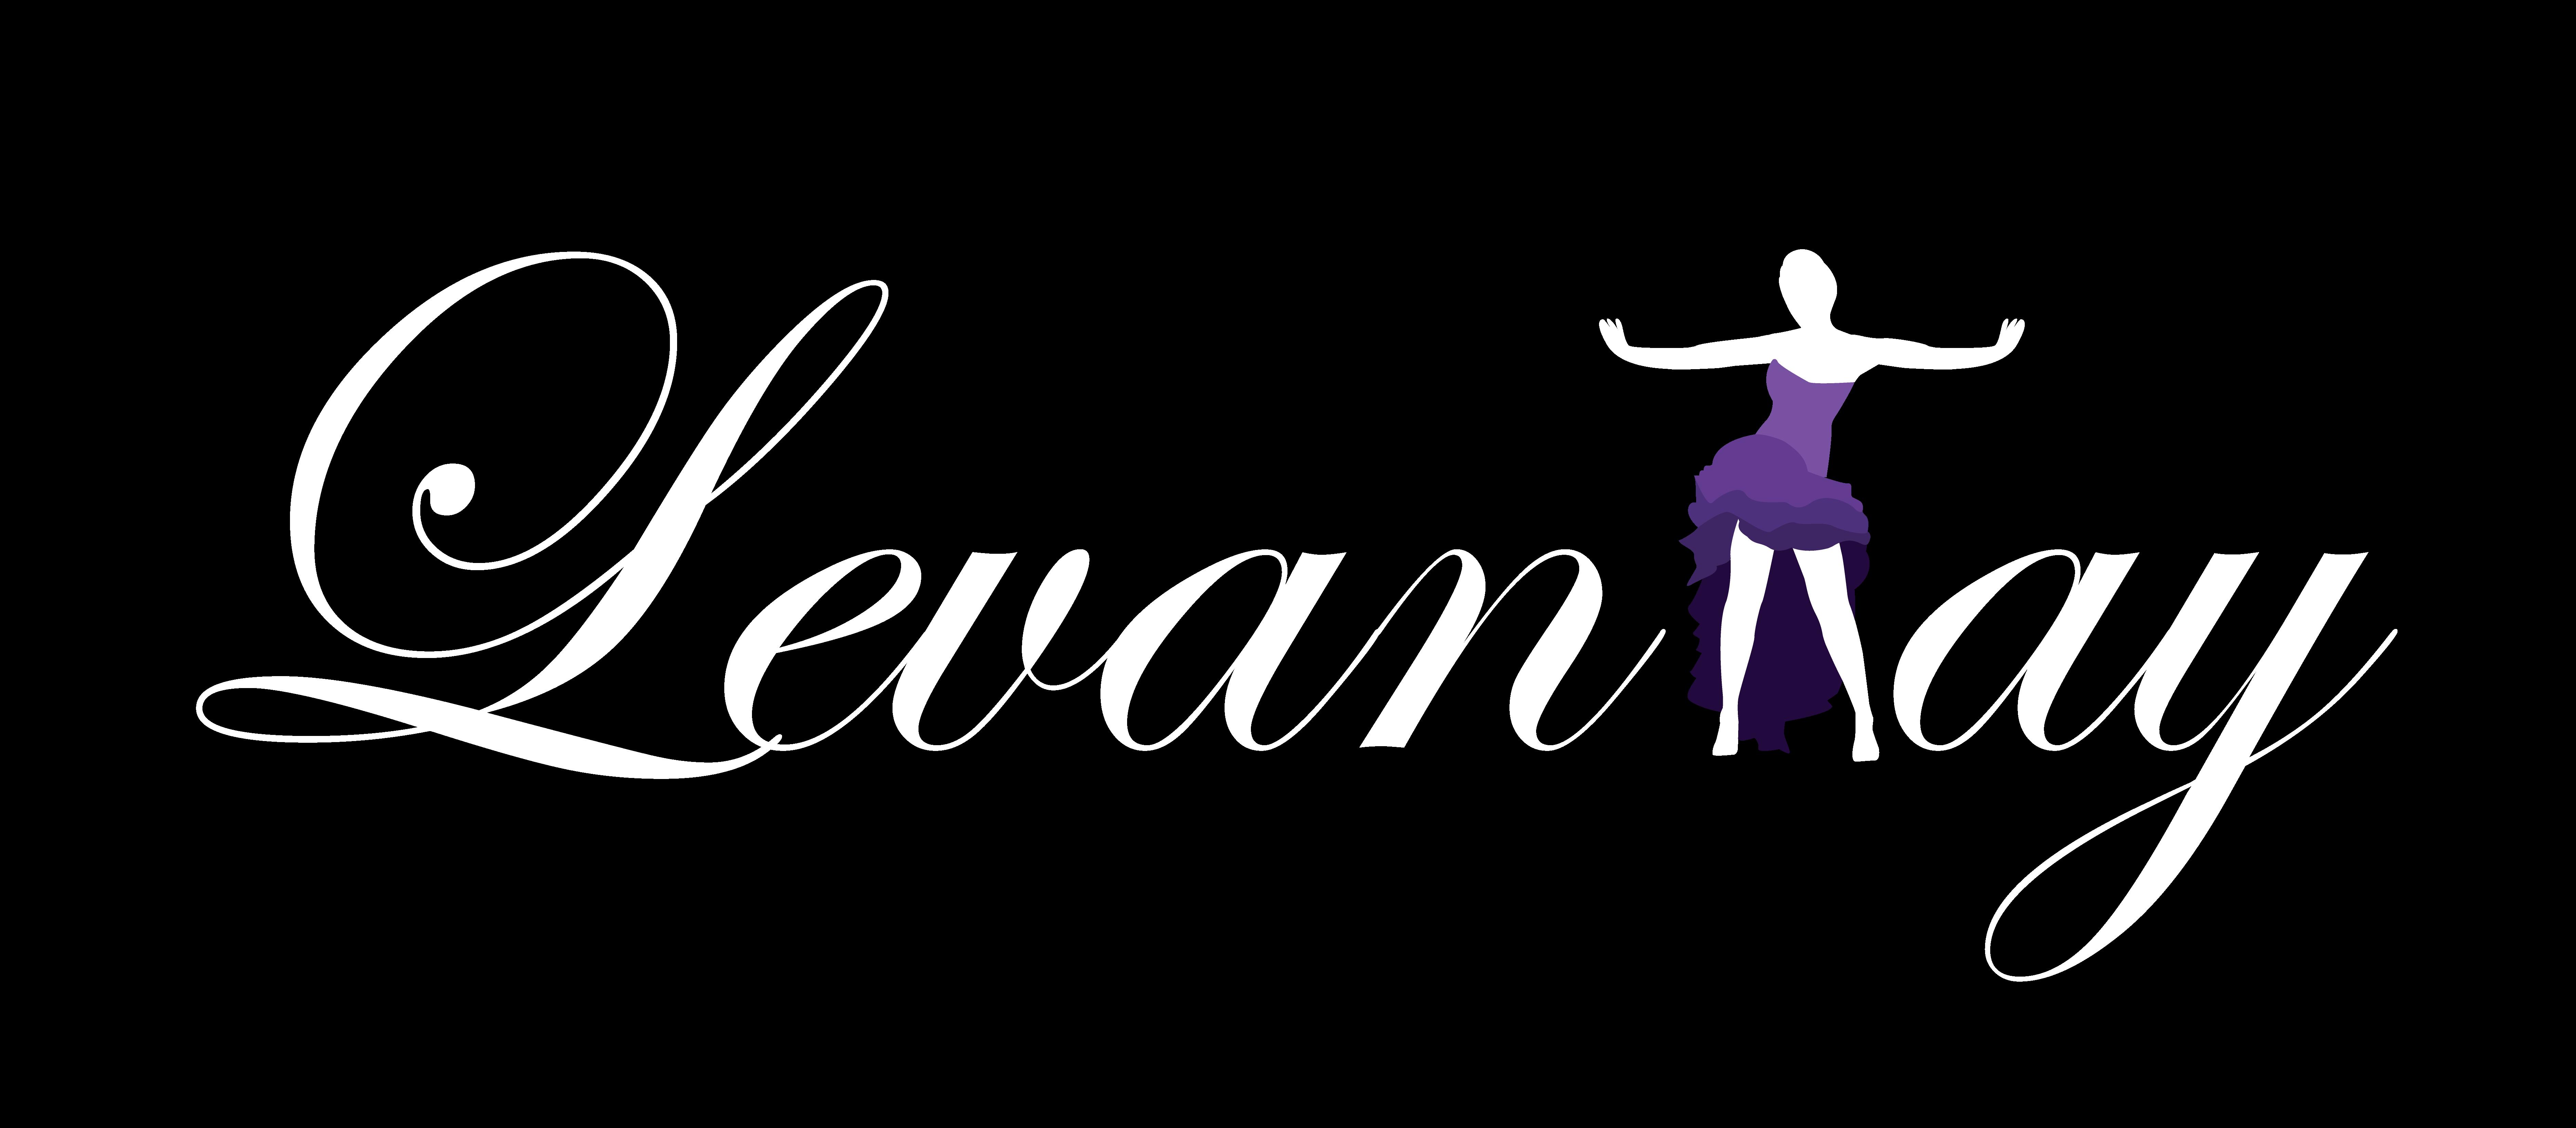 Levantay